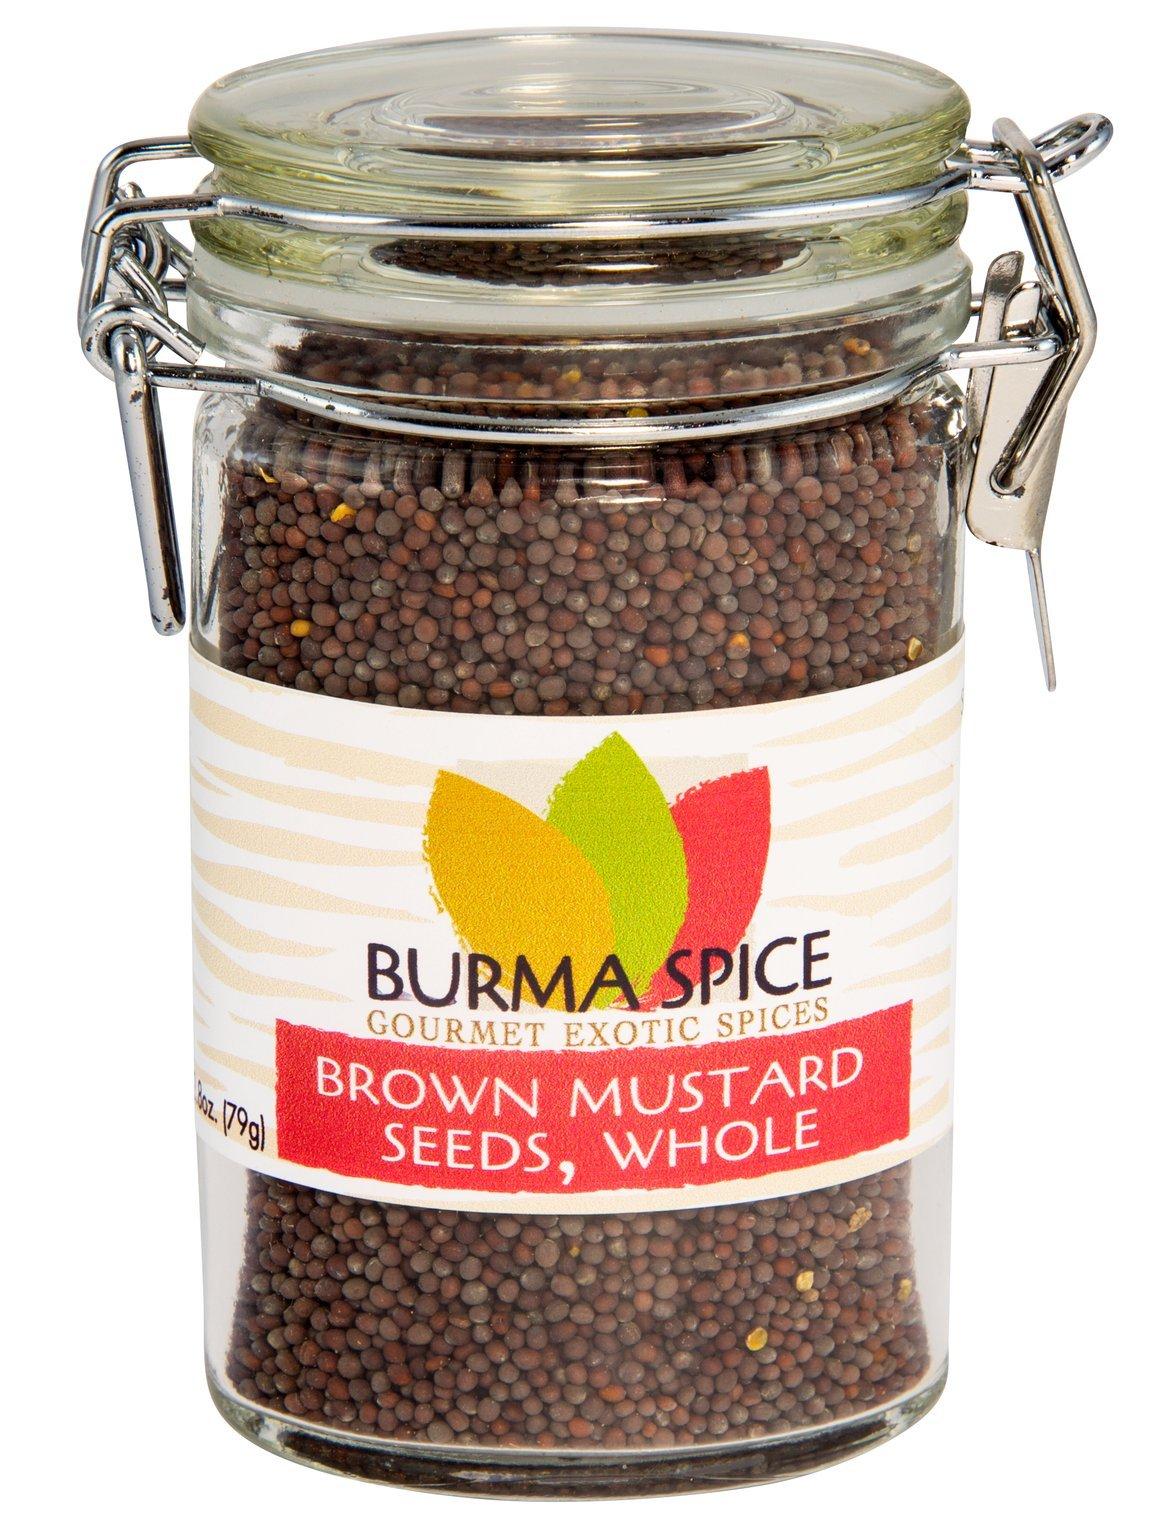 Brown Mustard Seed, Whole : Indian Mustard Kosher (2.8oz.)